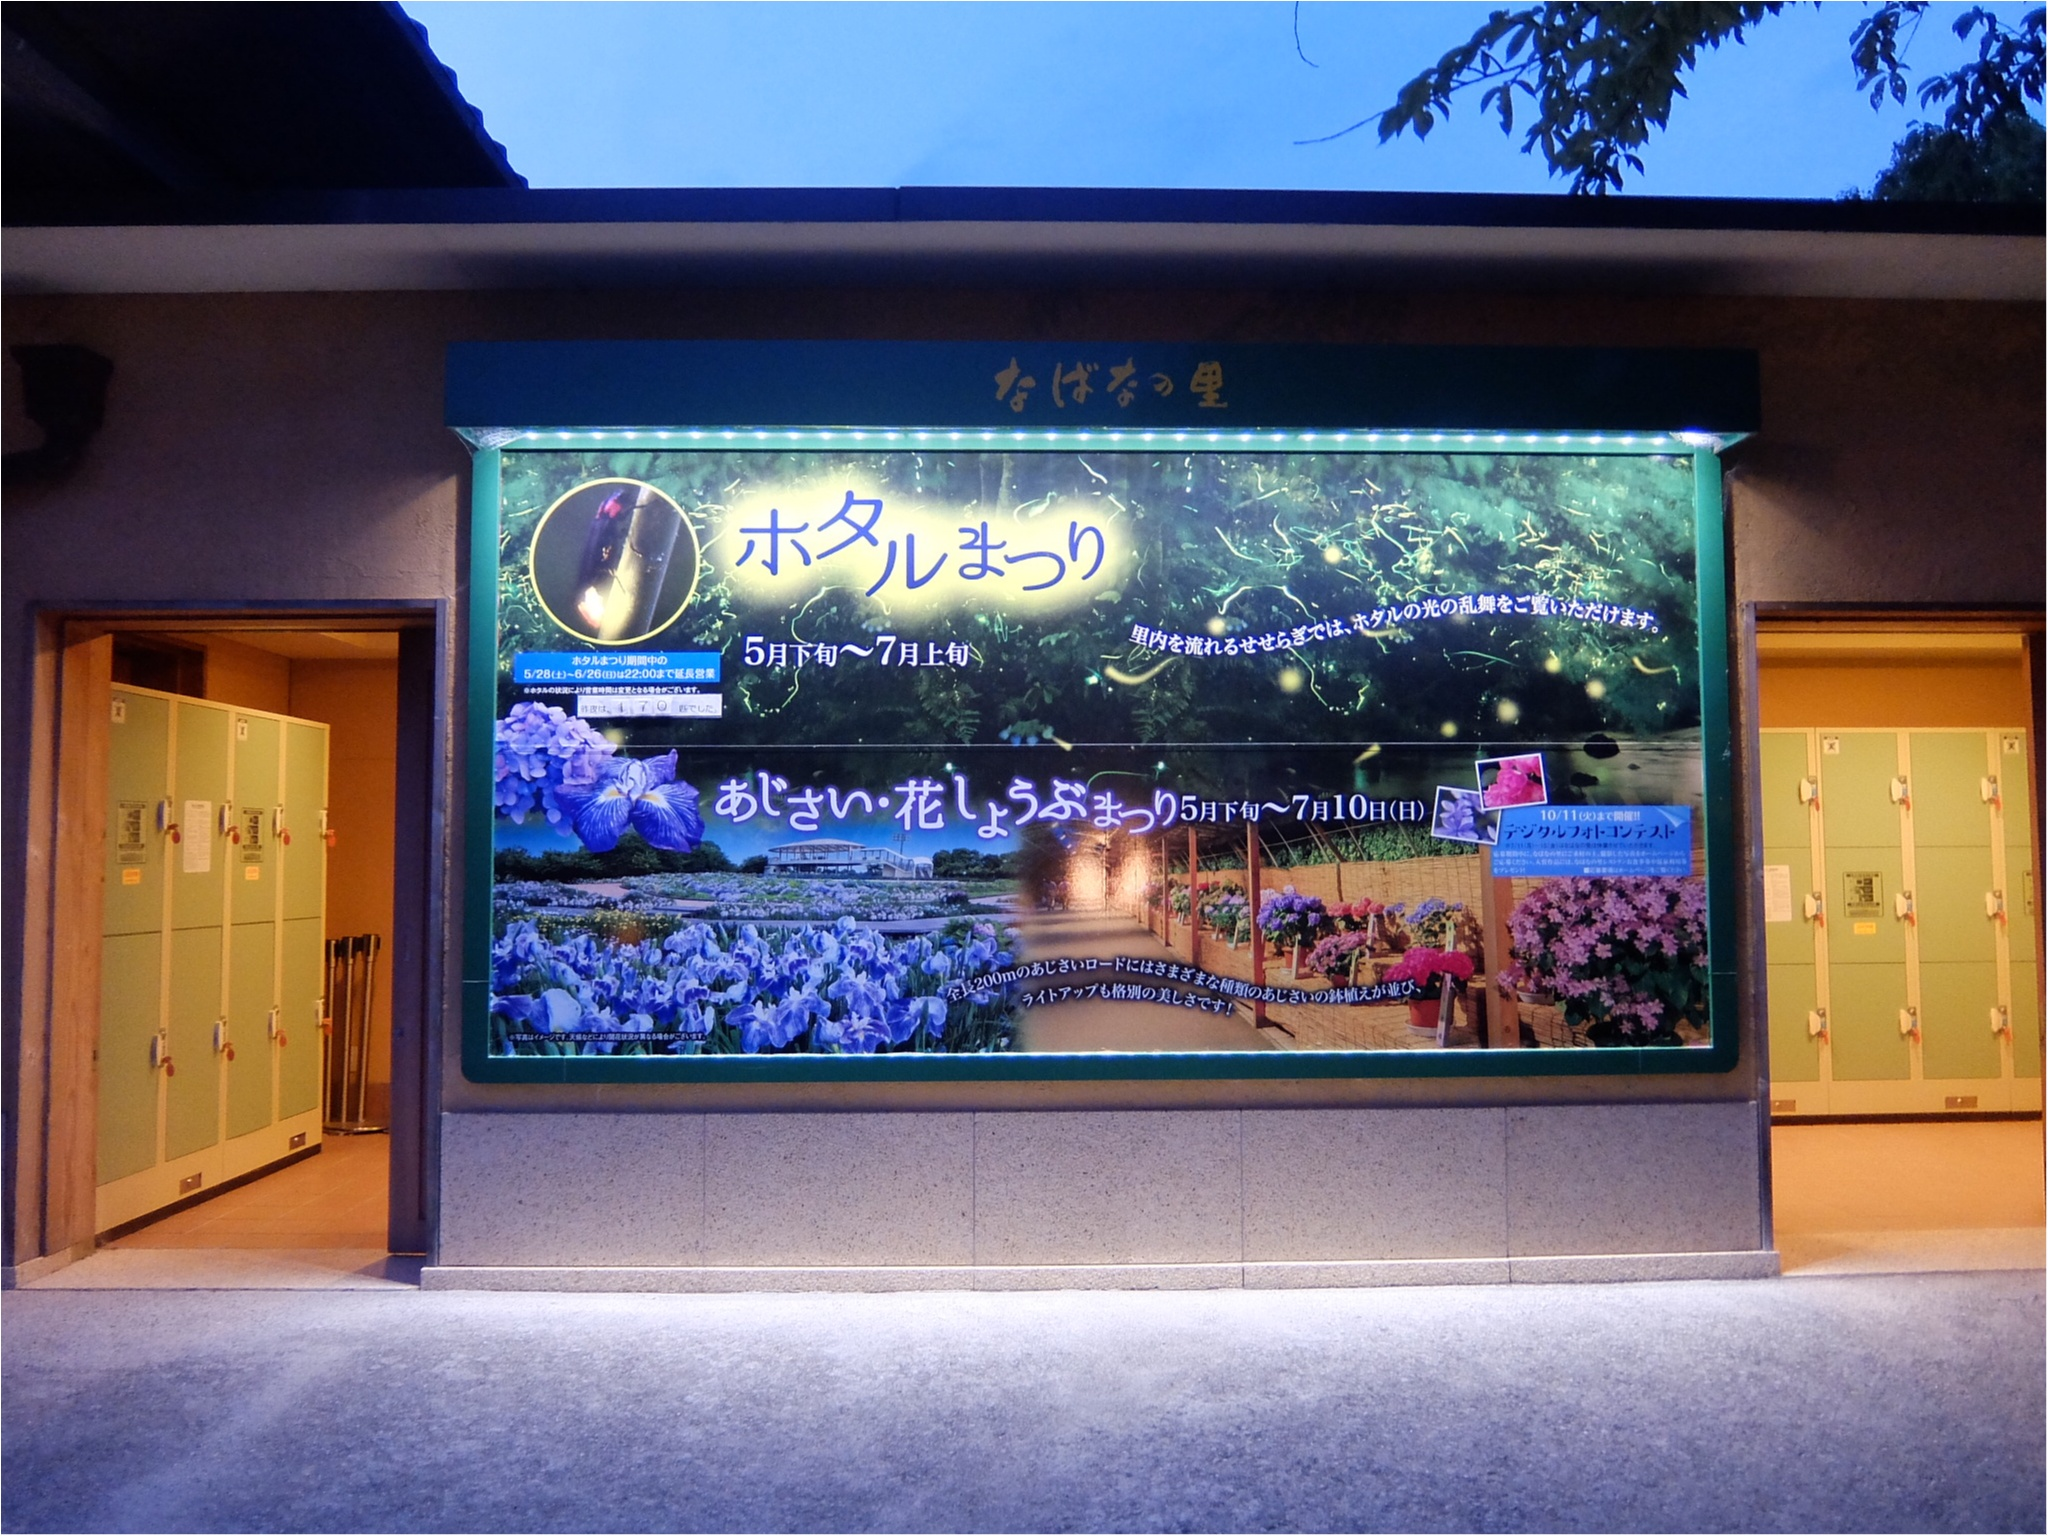 三重県ナガシマリゾート!夜はなばなの里でホタル観賞♡_8